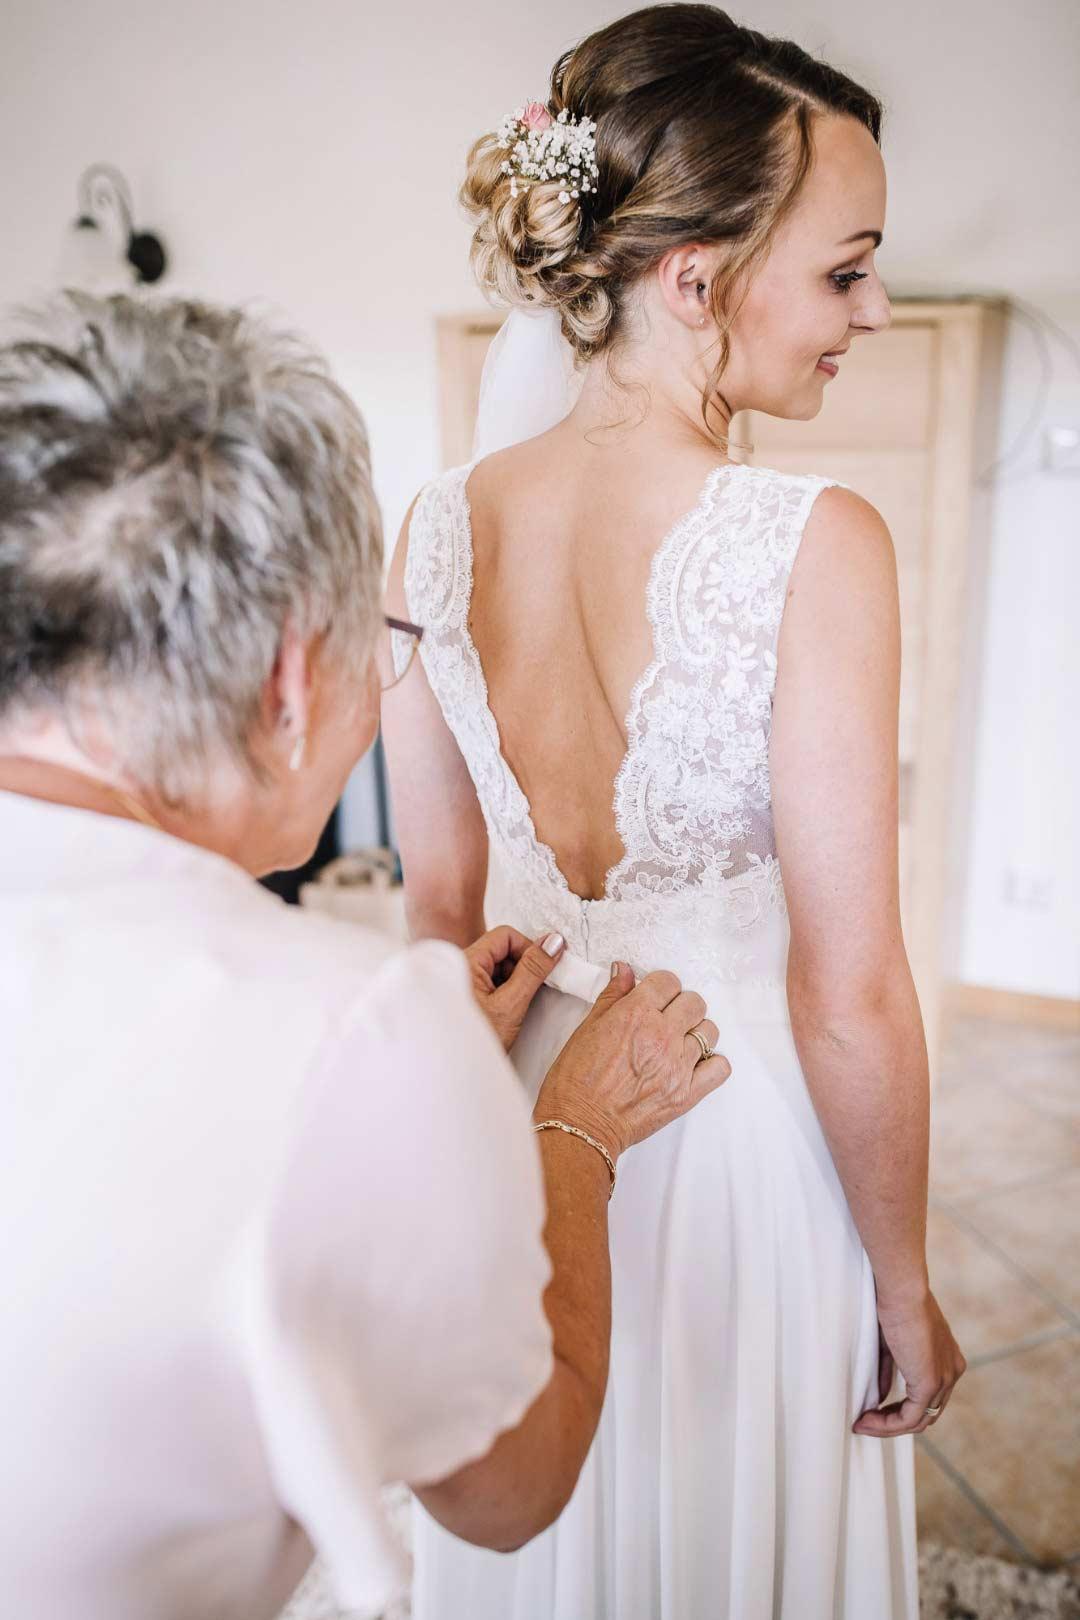 Braut bekommt Brautkleid zugeknöpft